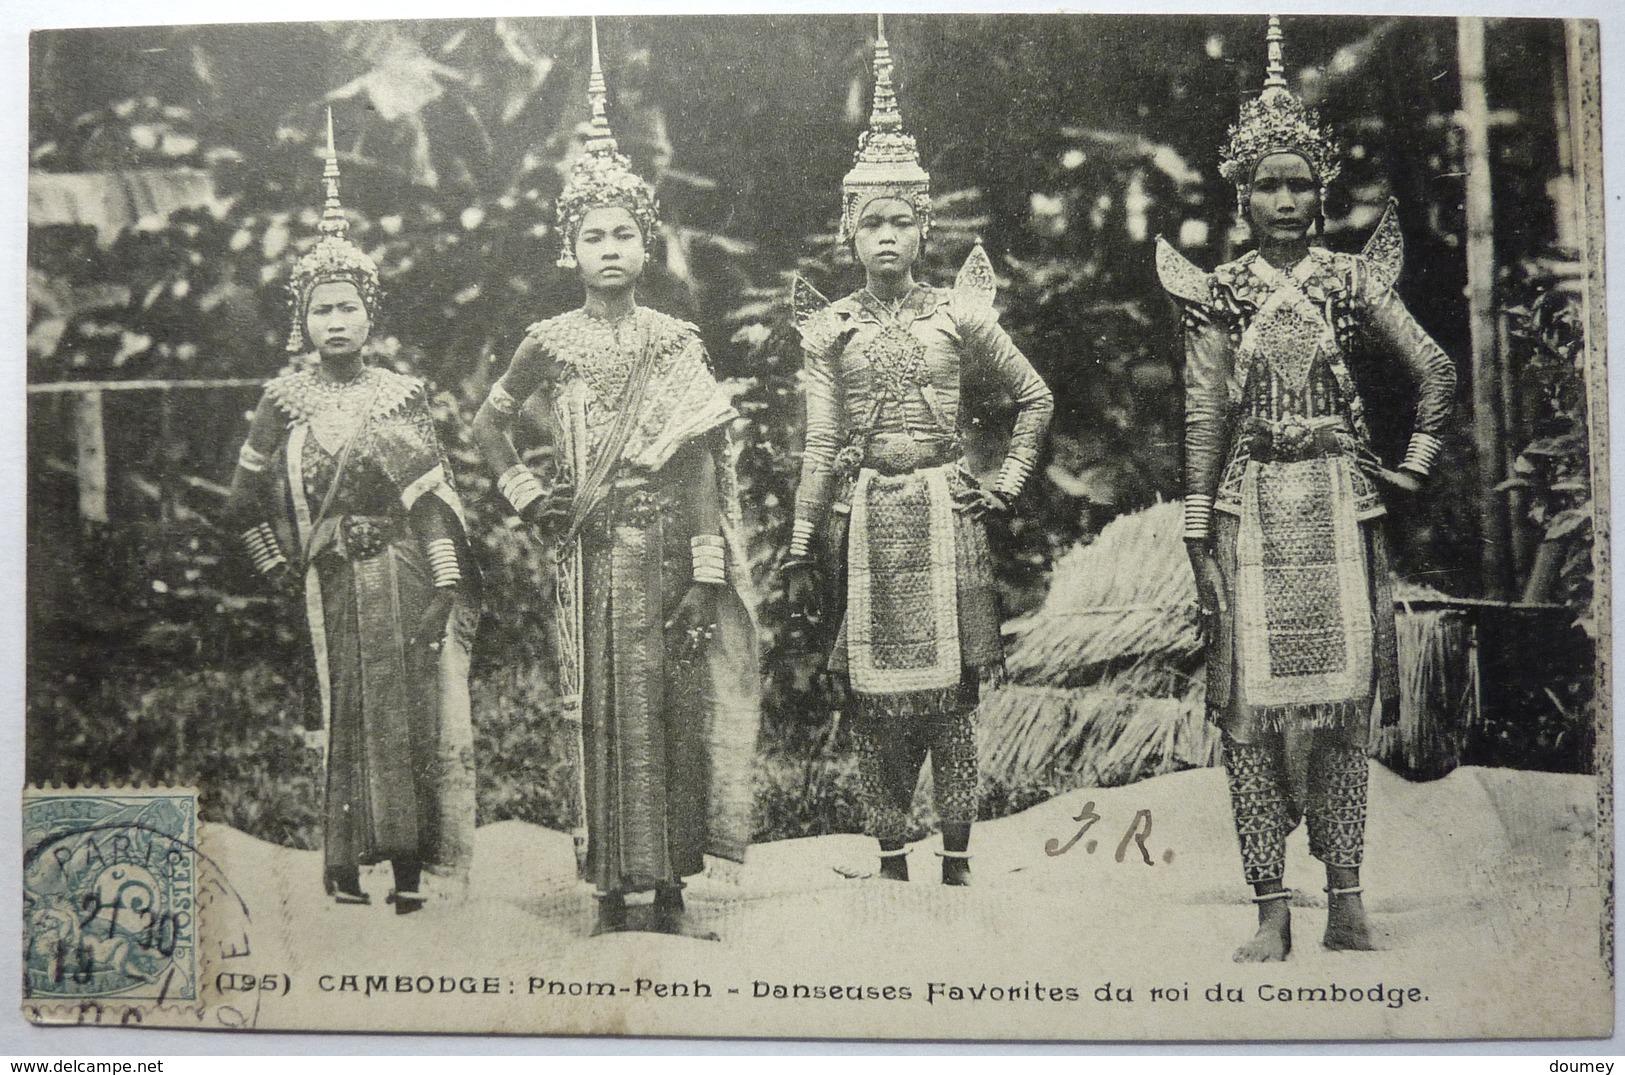 DANSEUSES FAVORITES DU ROI DU CAMBODGE - PNOM-PENH - Cambodia